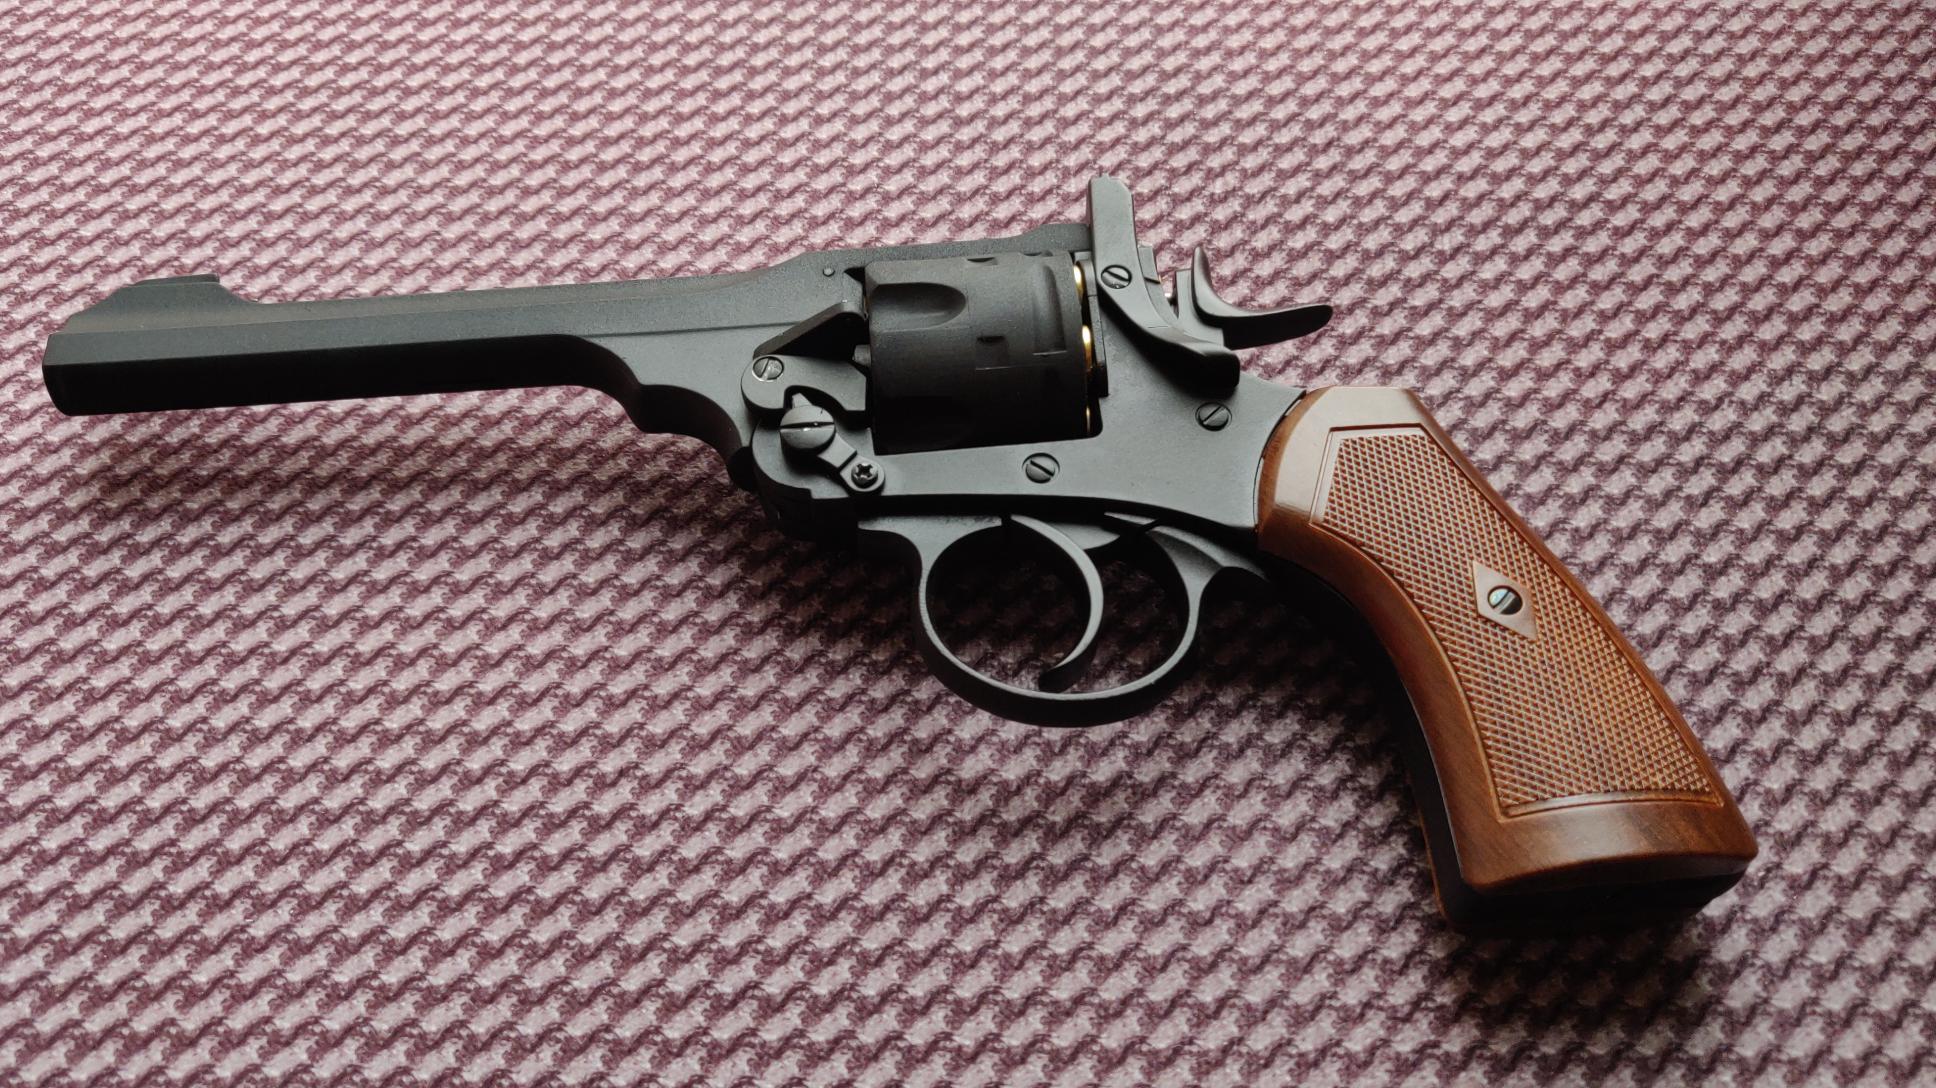 第一款水弹转轮手枪,韦伯利左轮MK6水弹玩具枪